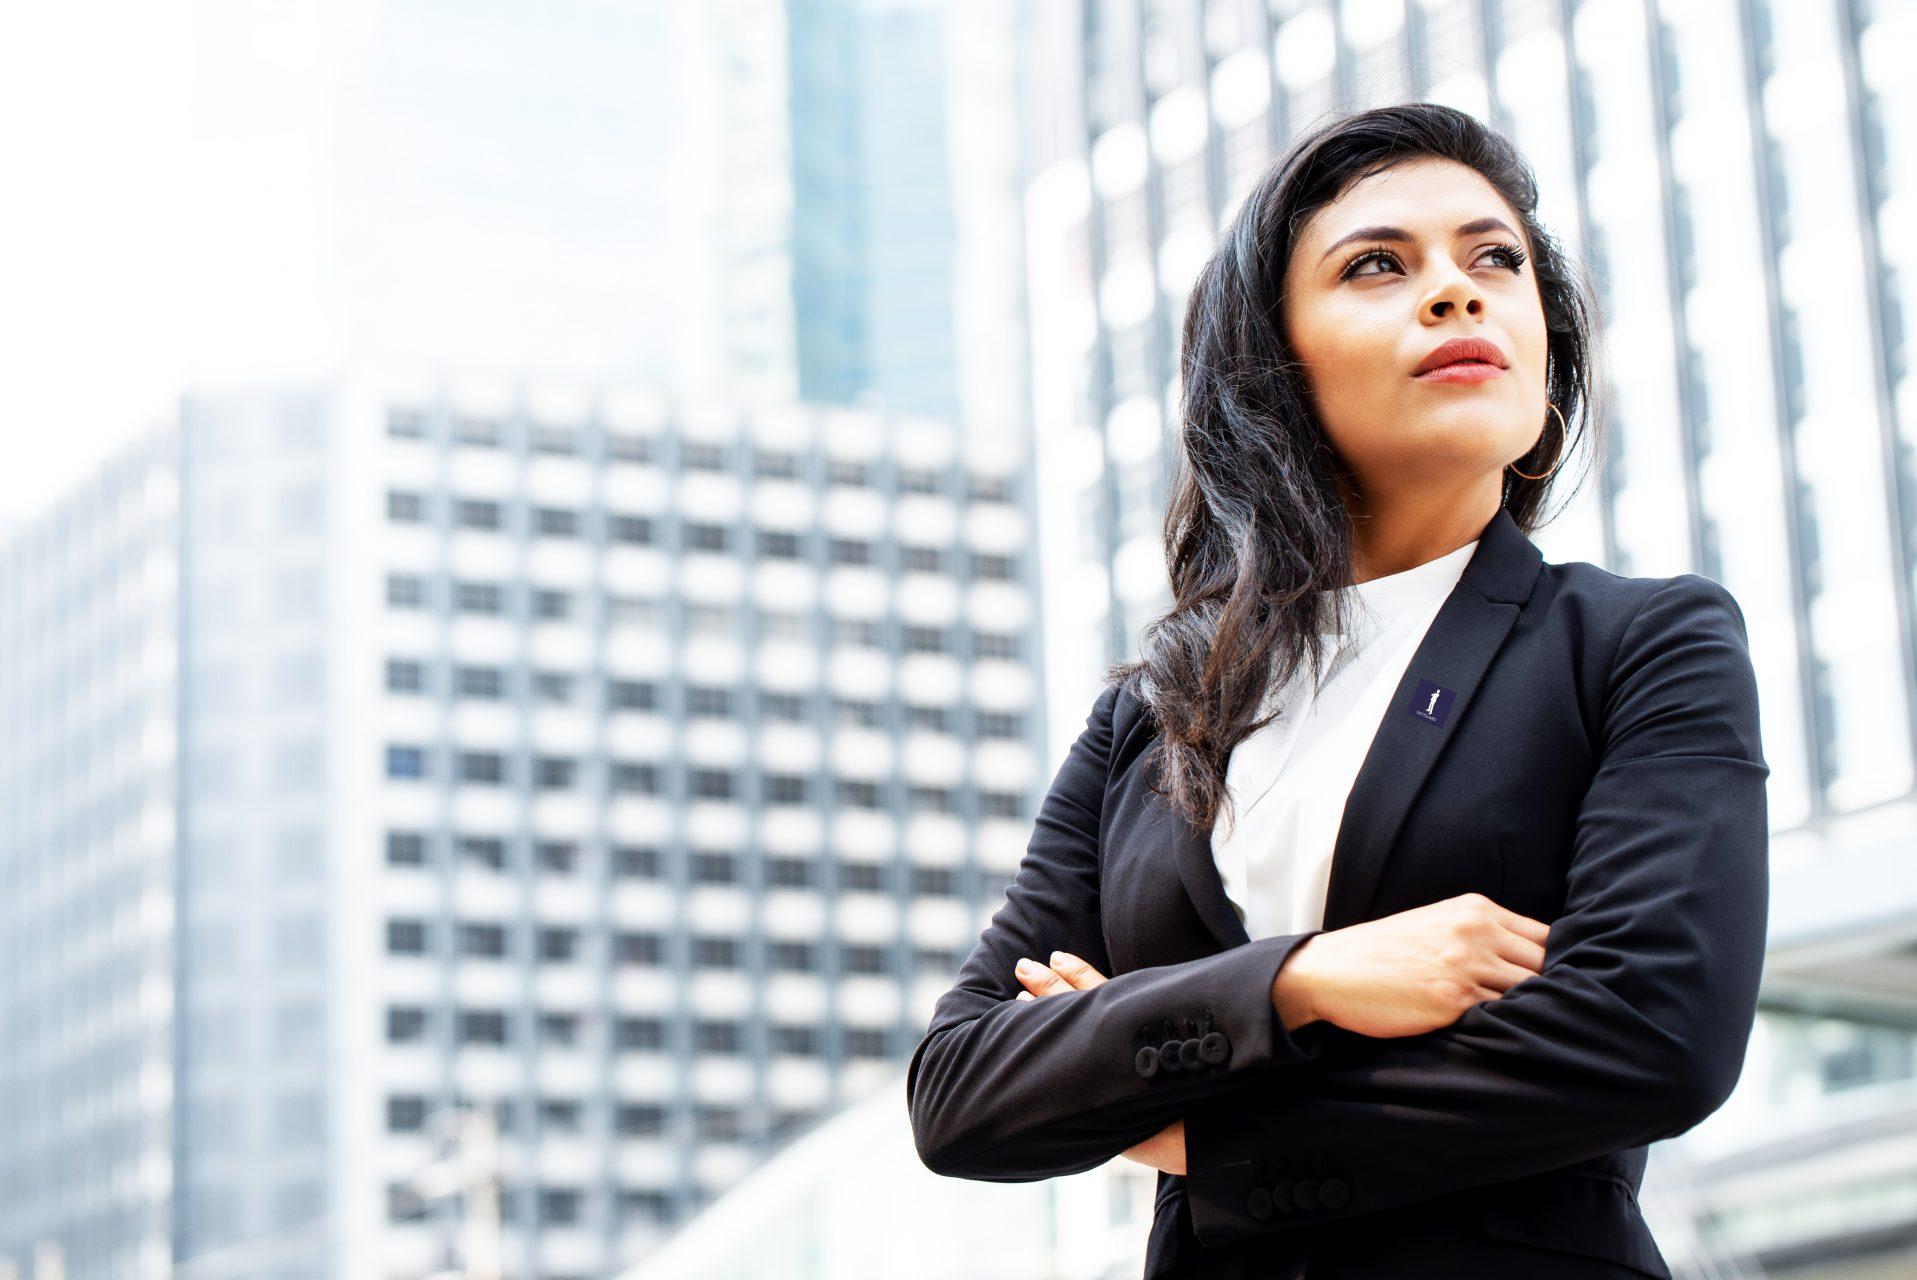 Quelle place pour les femmes dans la sécurité privée?